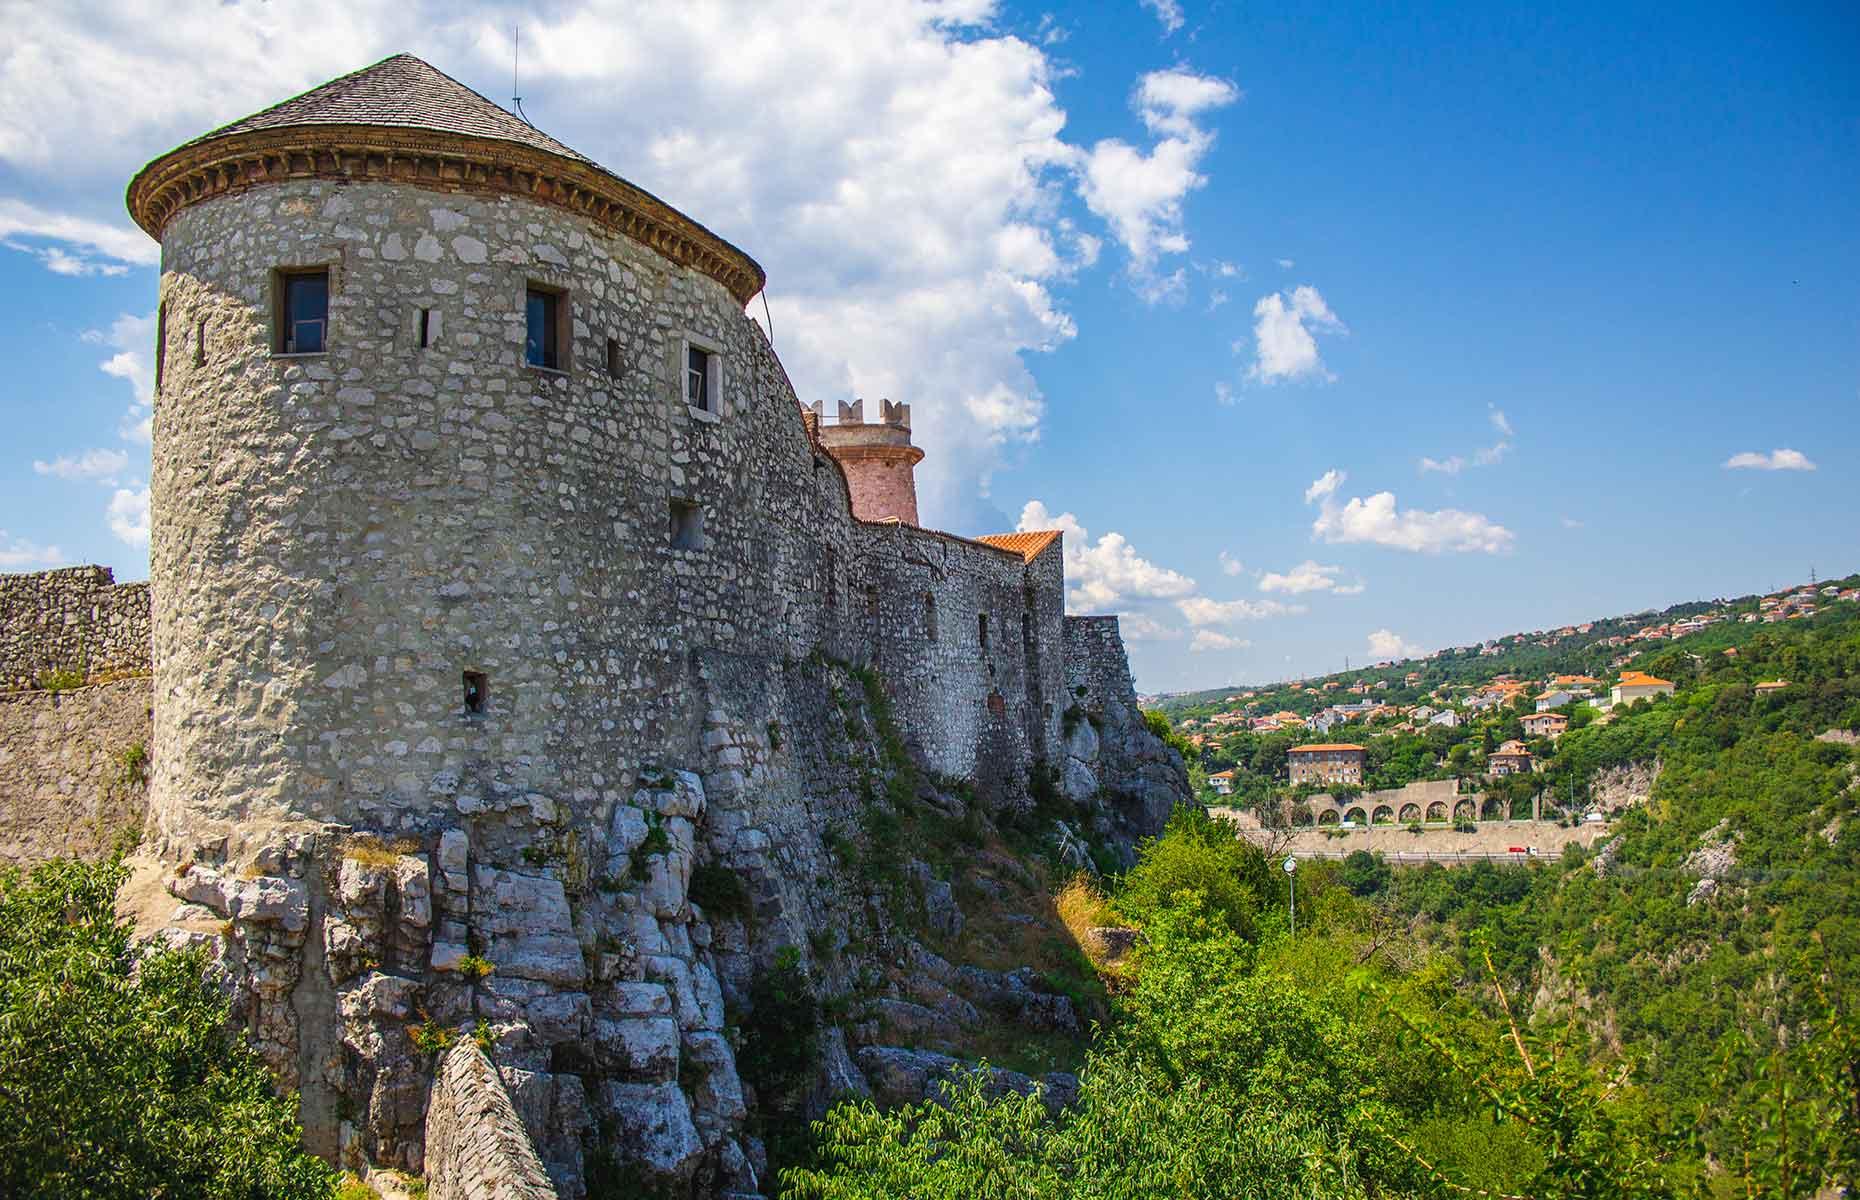 Trsata castle, Rijeka, Croatia (Image: Joppi/Shutterstock)